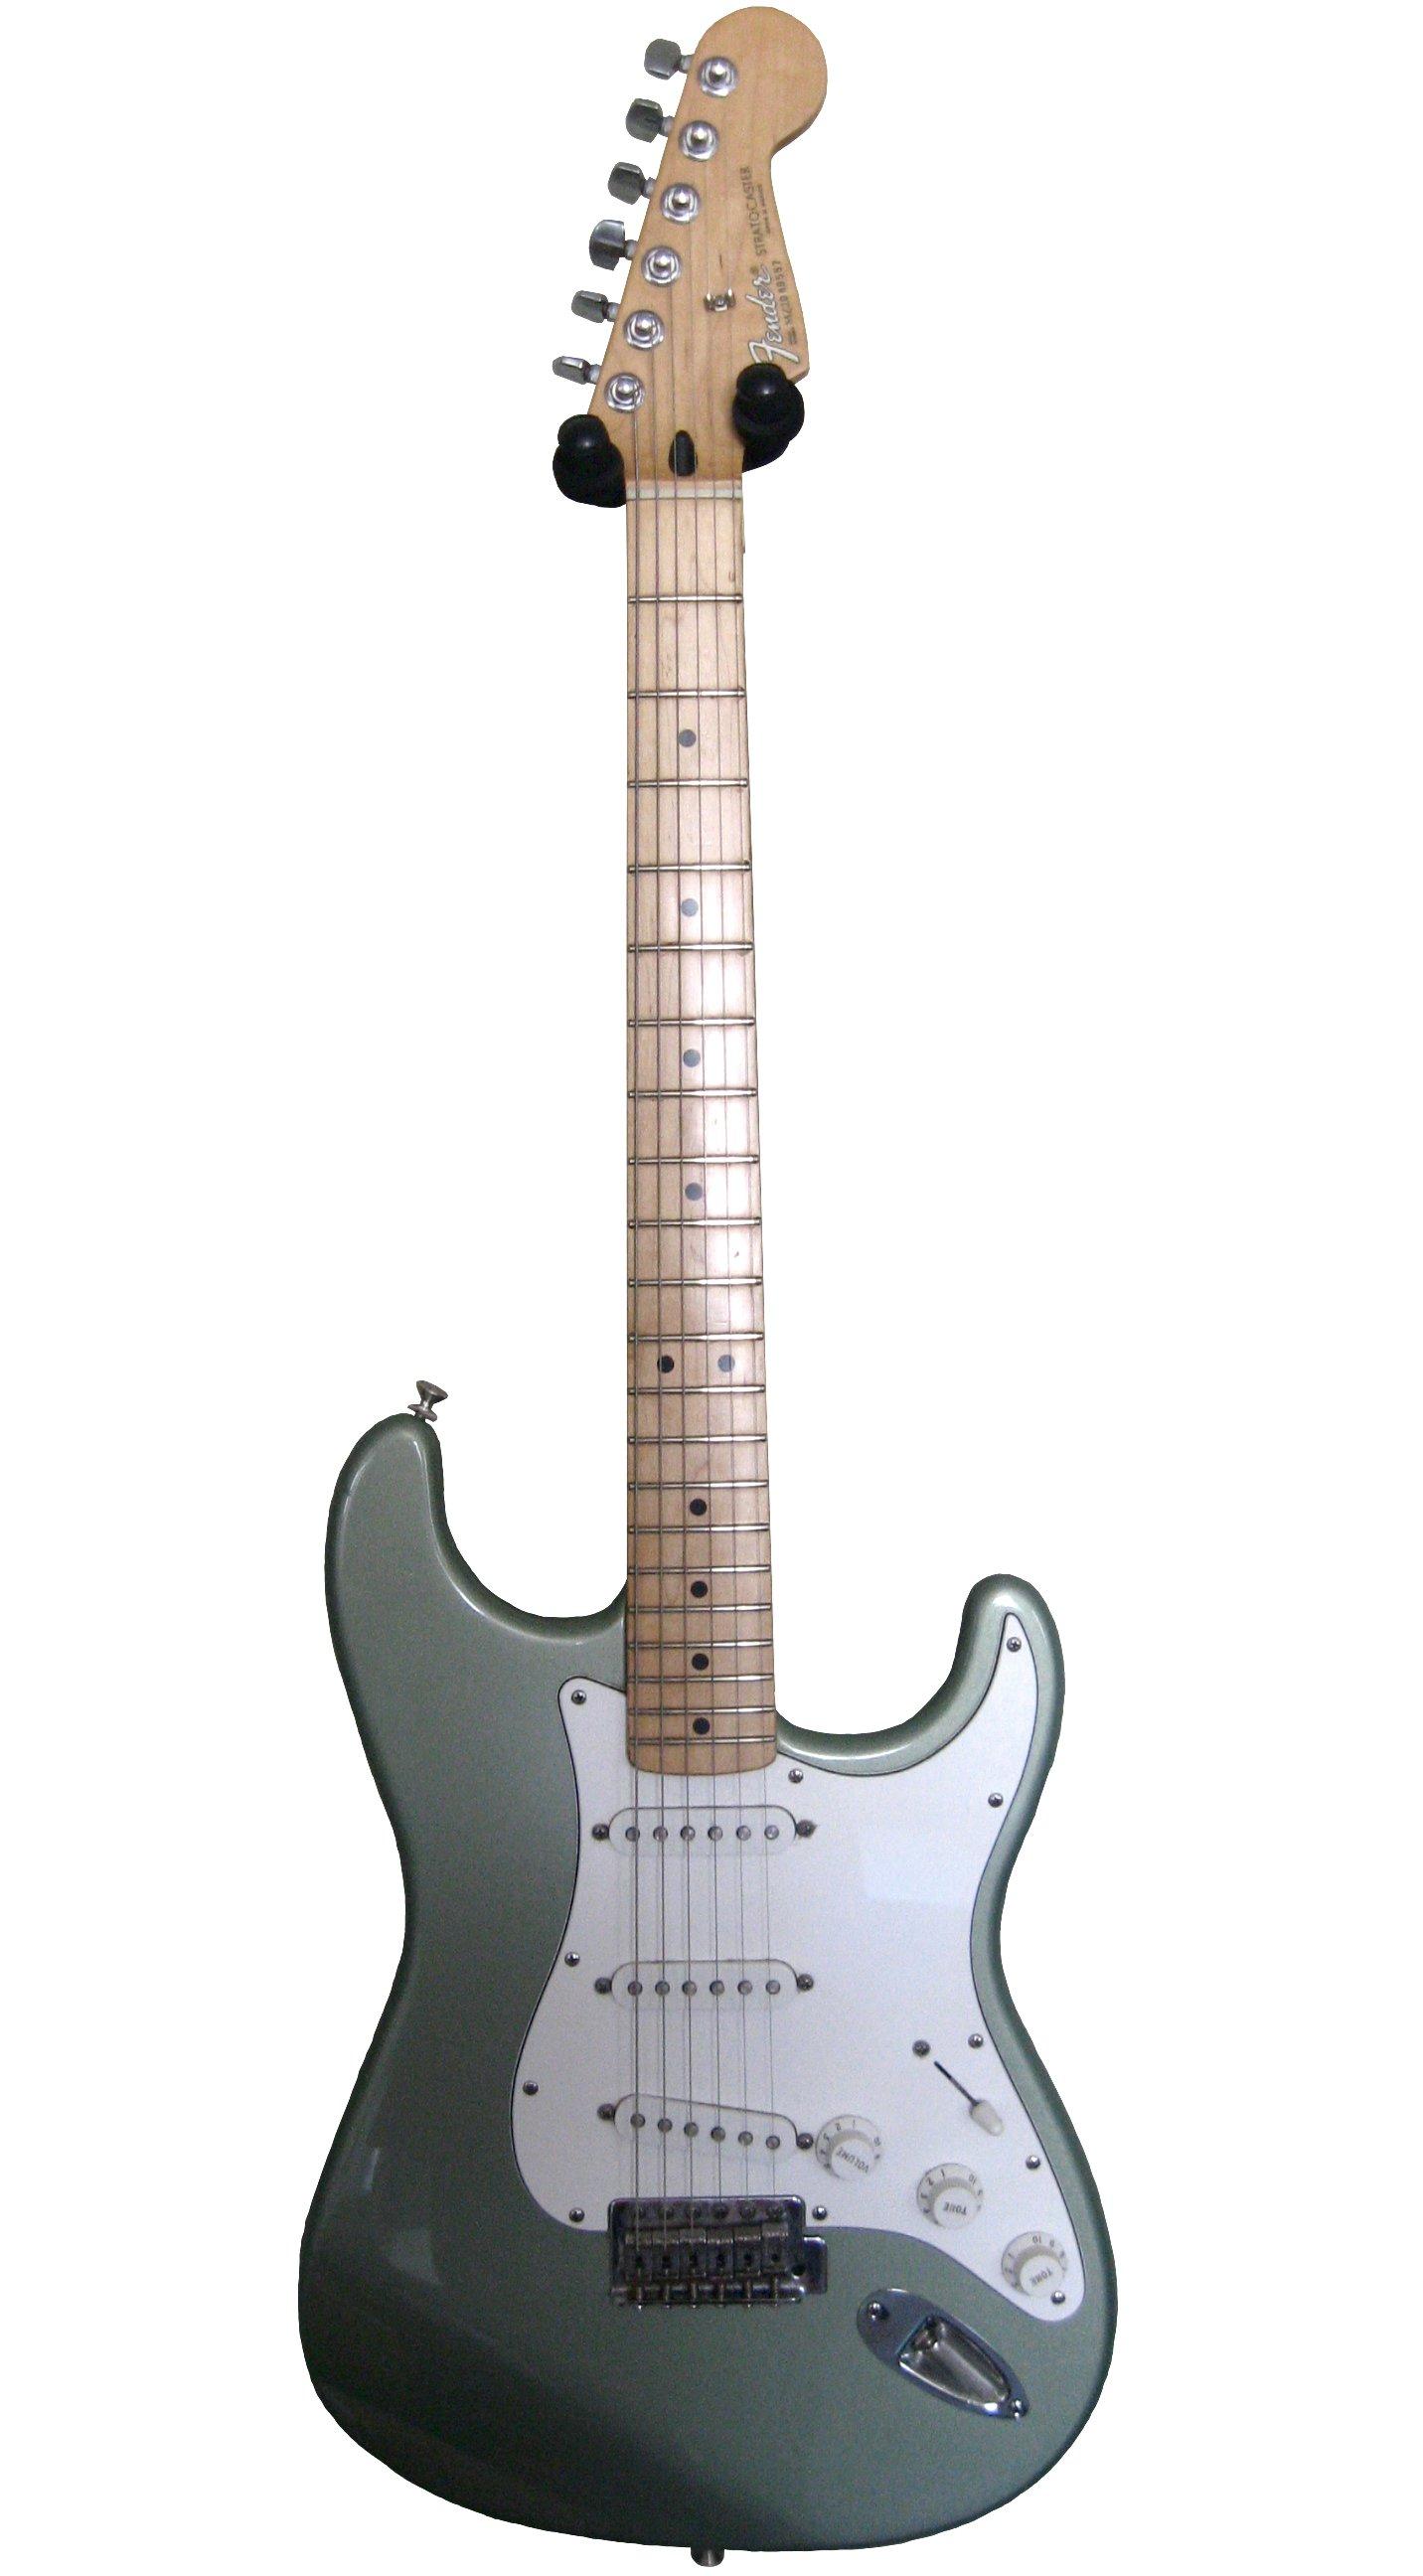 Fender_Stratocaster_004-2.jpg